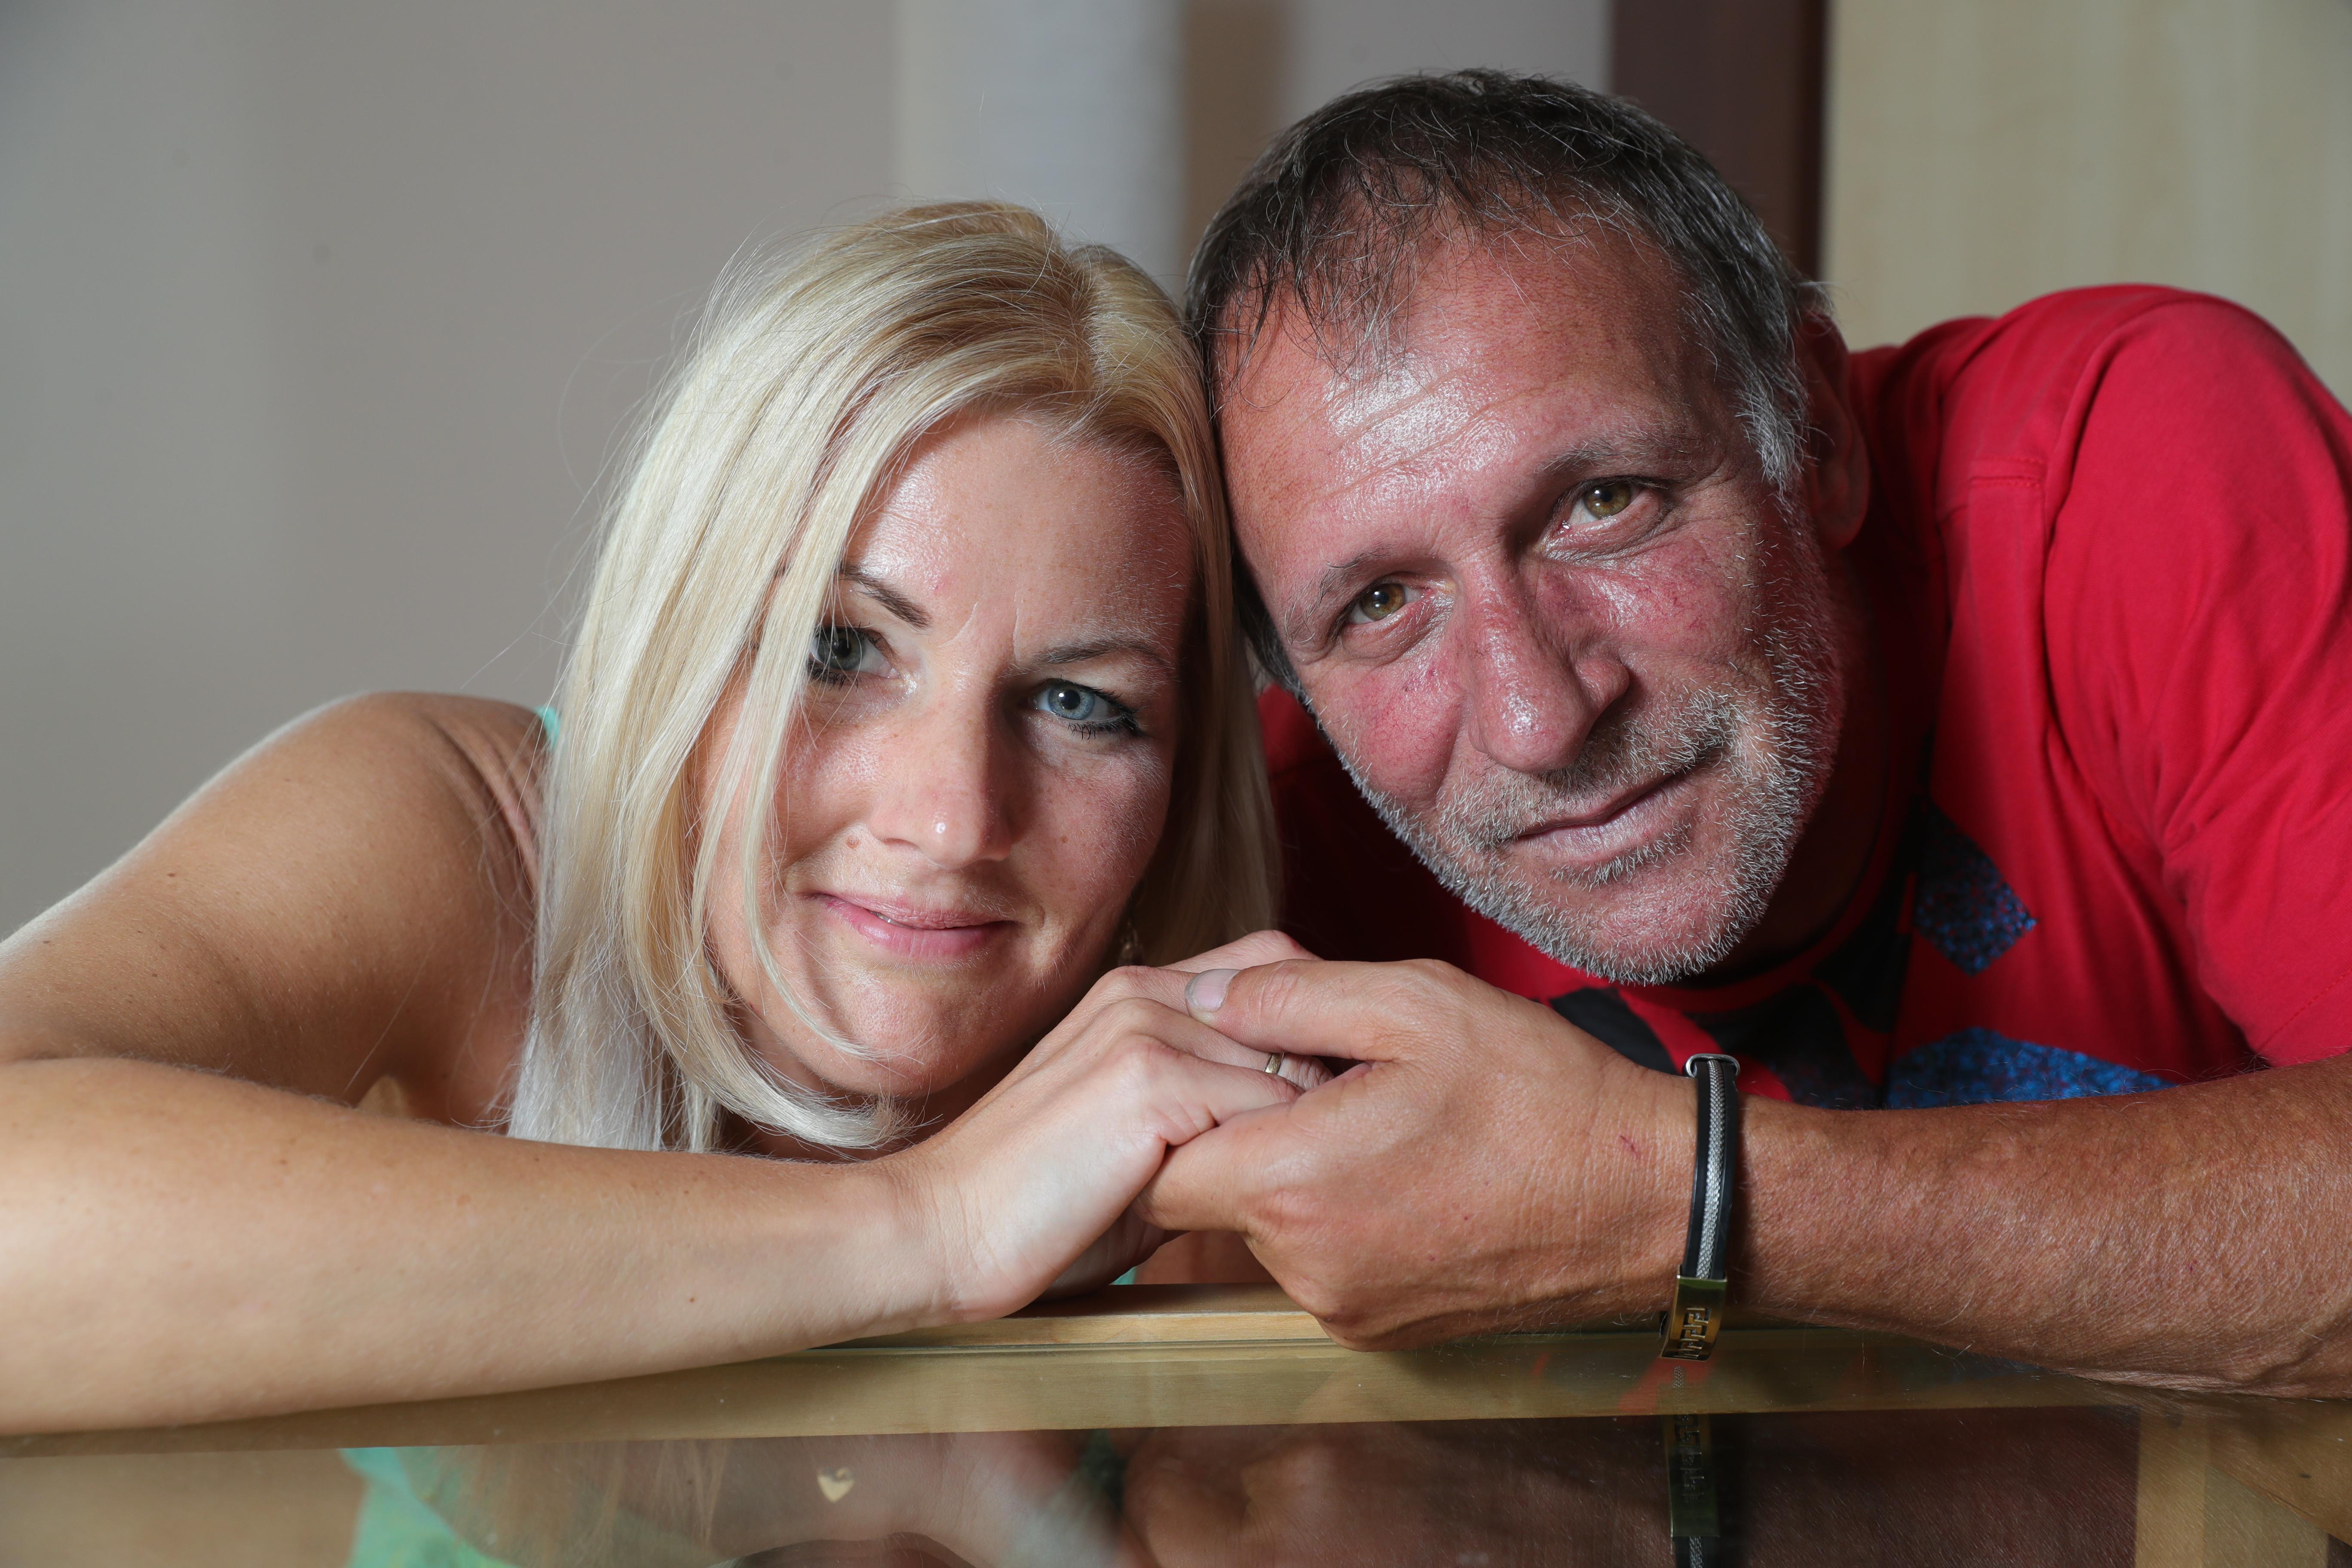 Az egykori labdarúgó megkérte szerelme kezét, és azt tervezi, hogy a Vasas-pályán mondja ki az igent / Fotó: Varga Imre